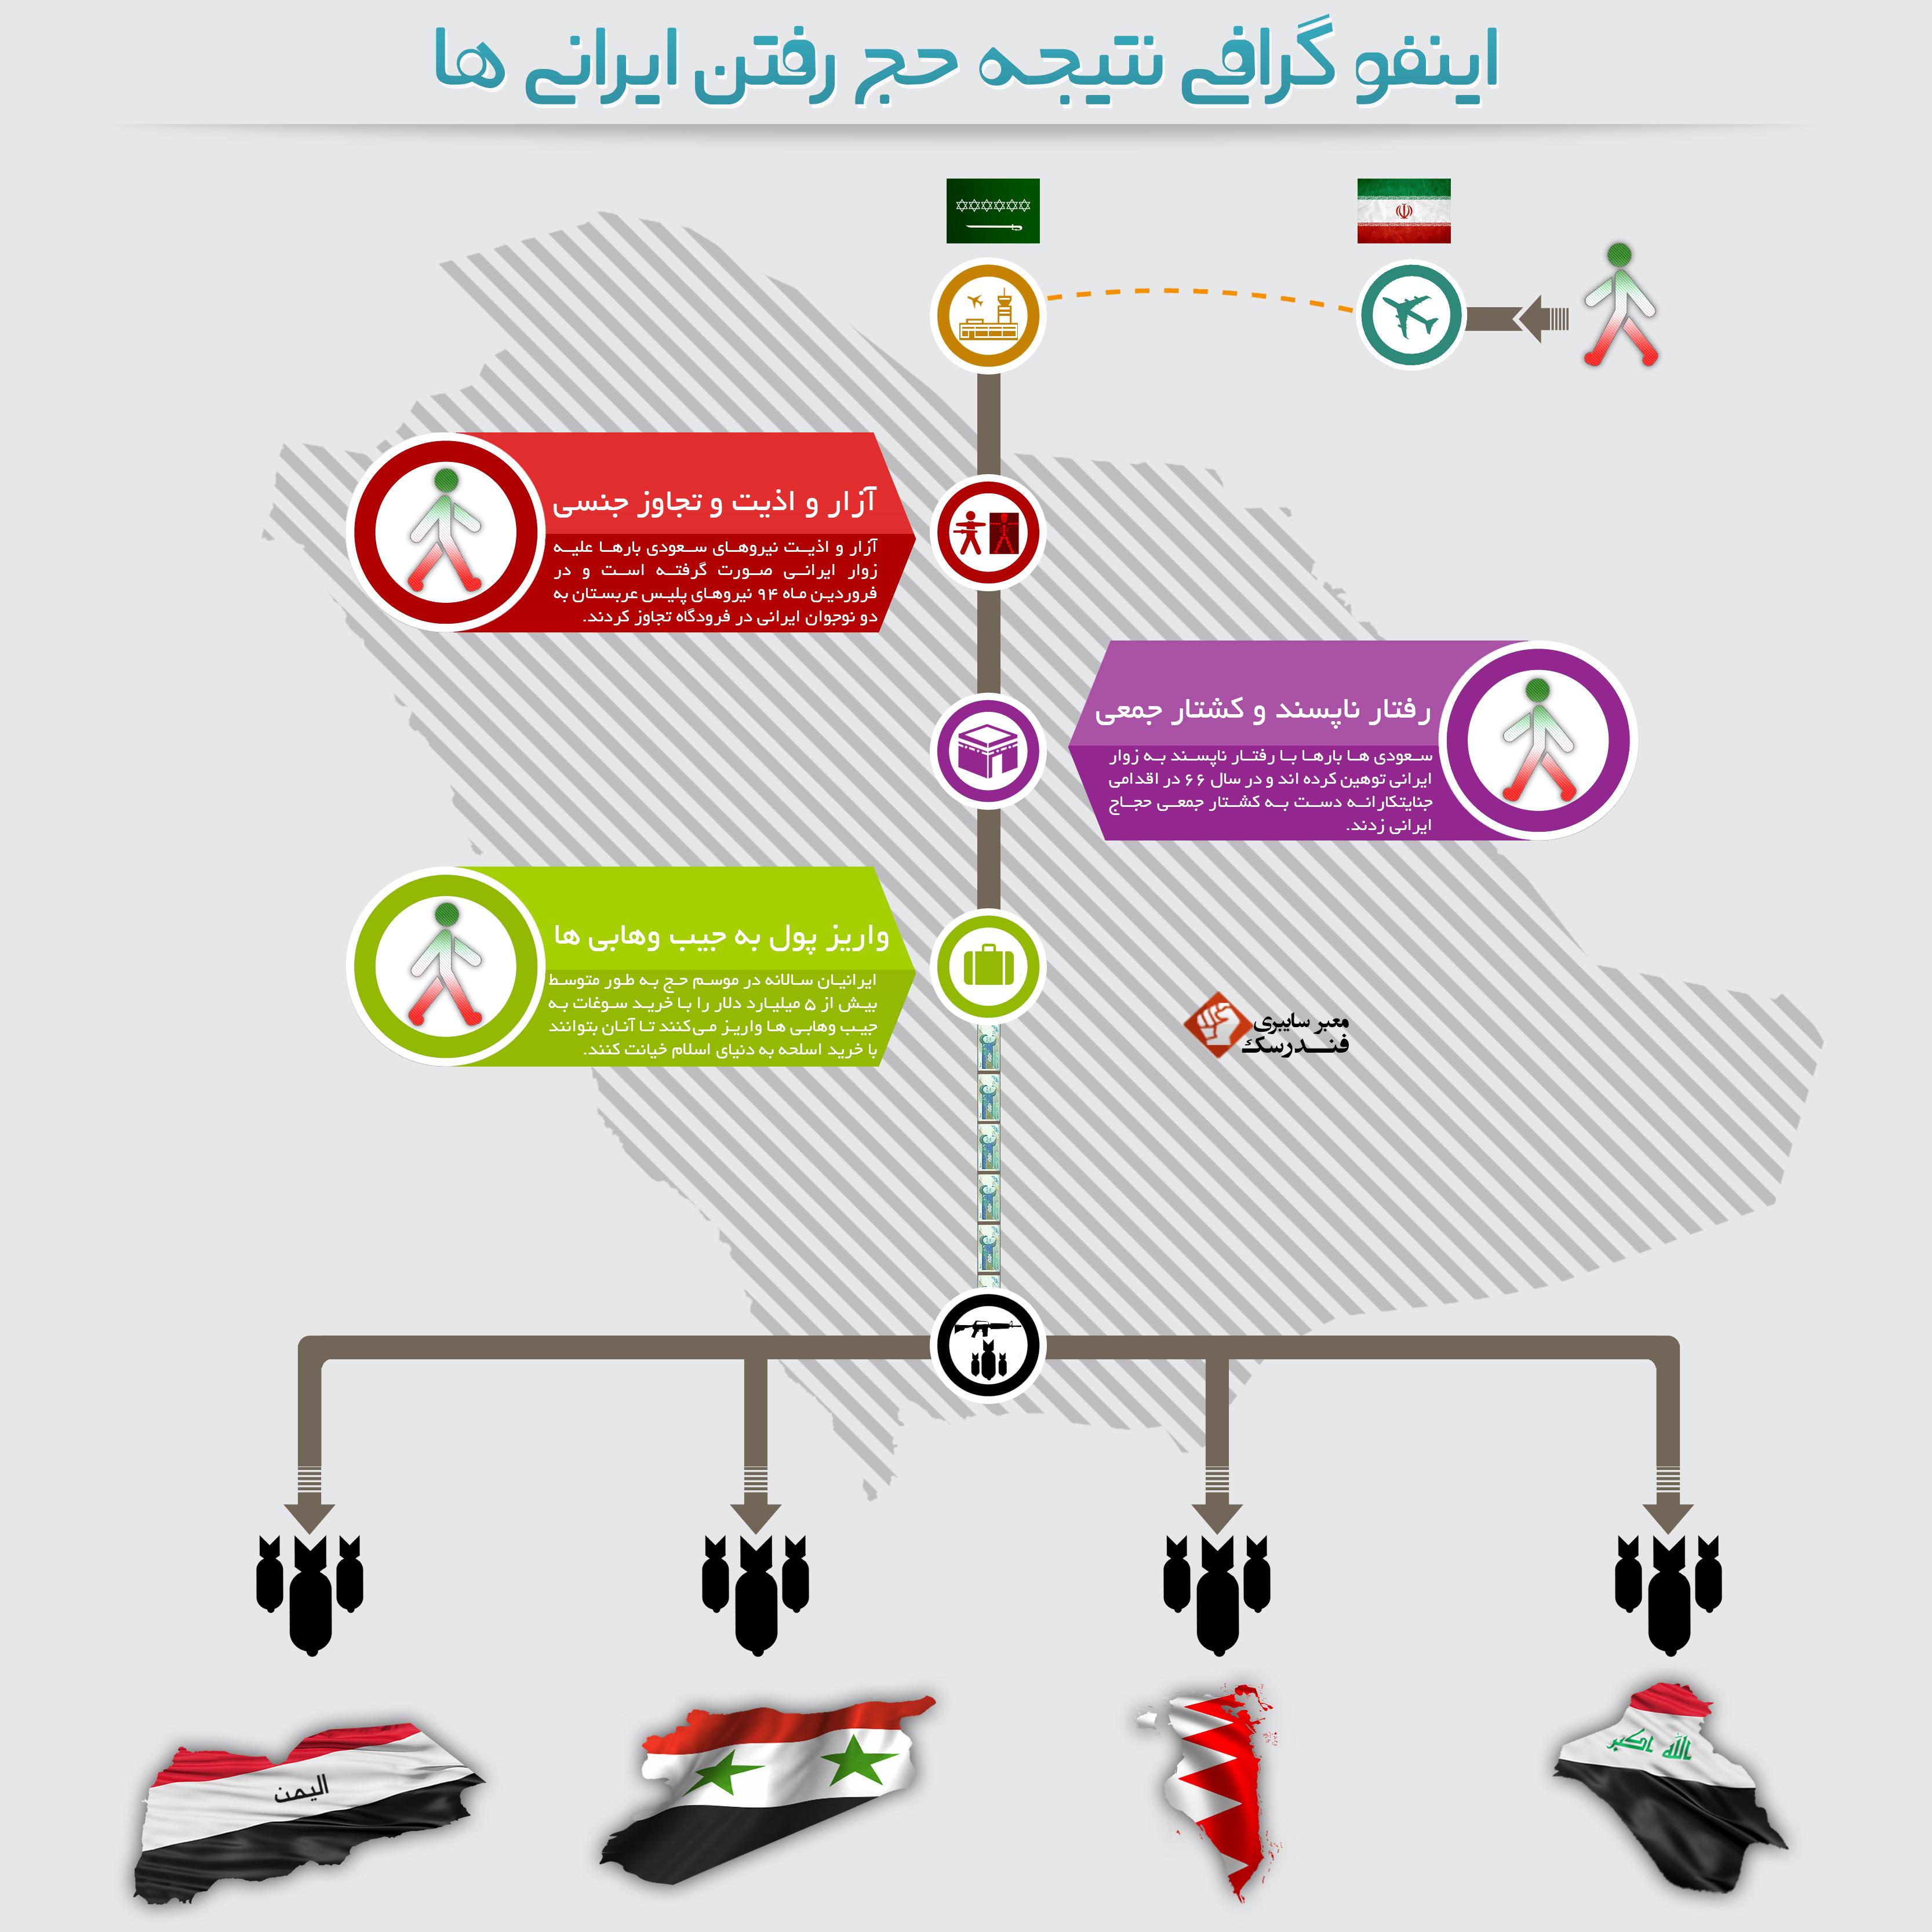 اینفوگرافیک - نتیجه حج ایرانیان